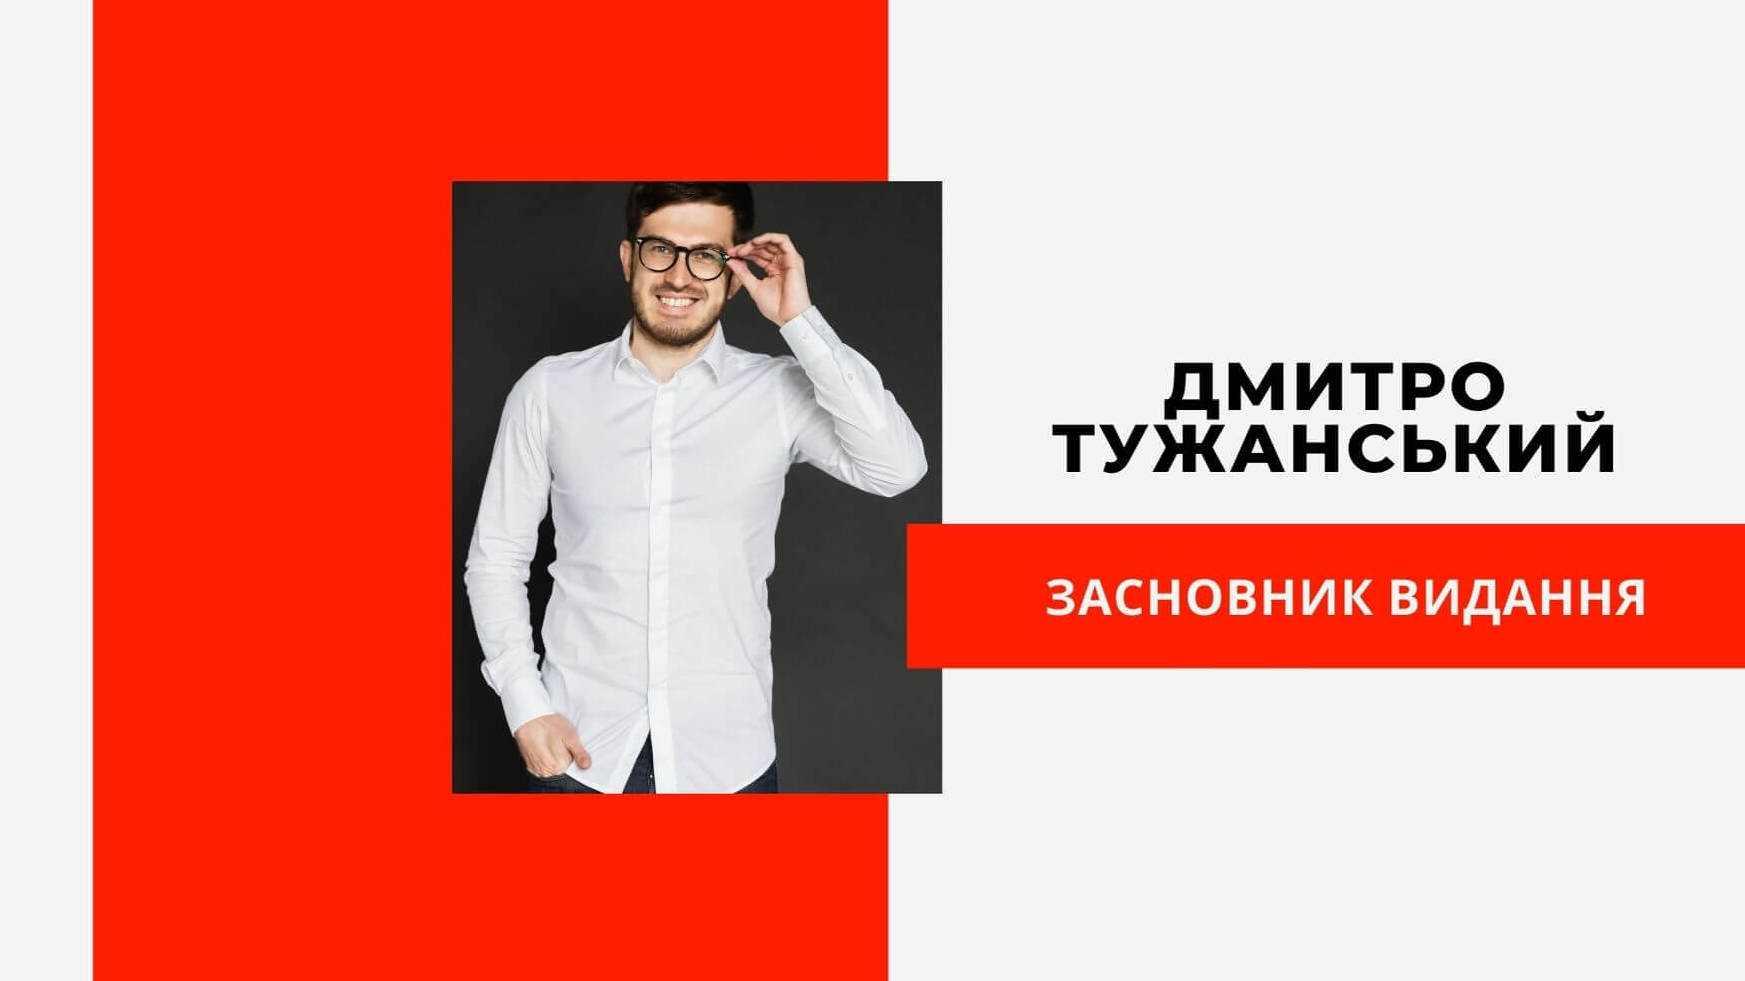 Tuzhanskyi